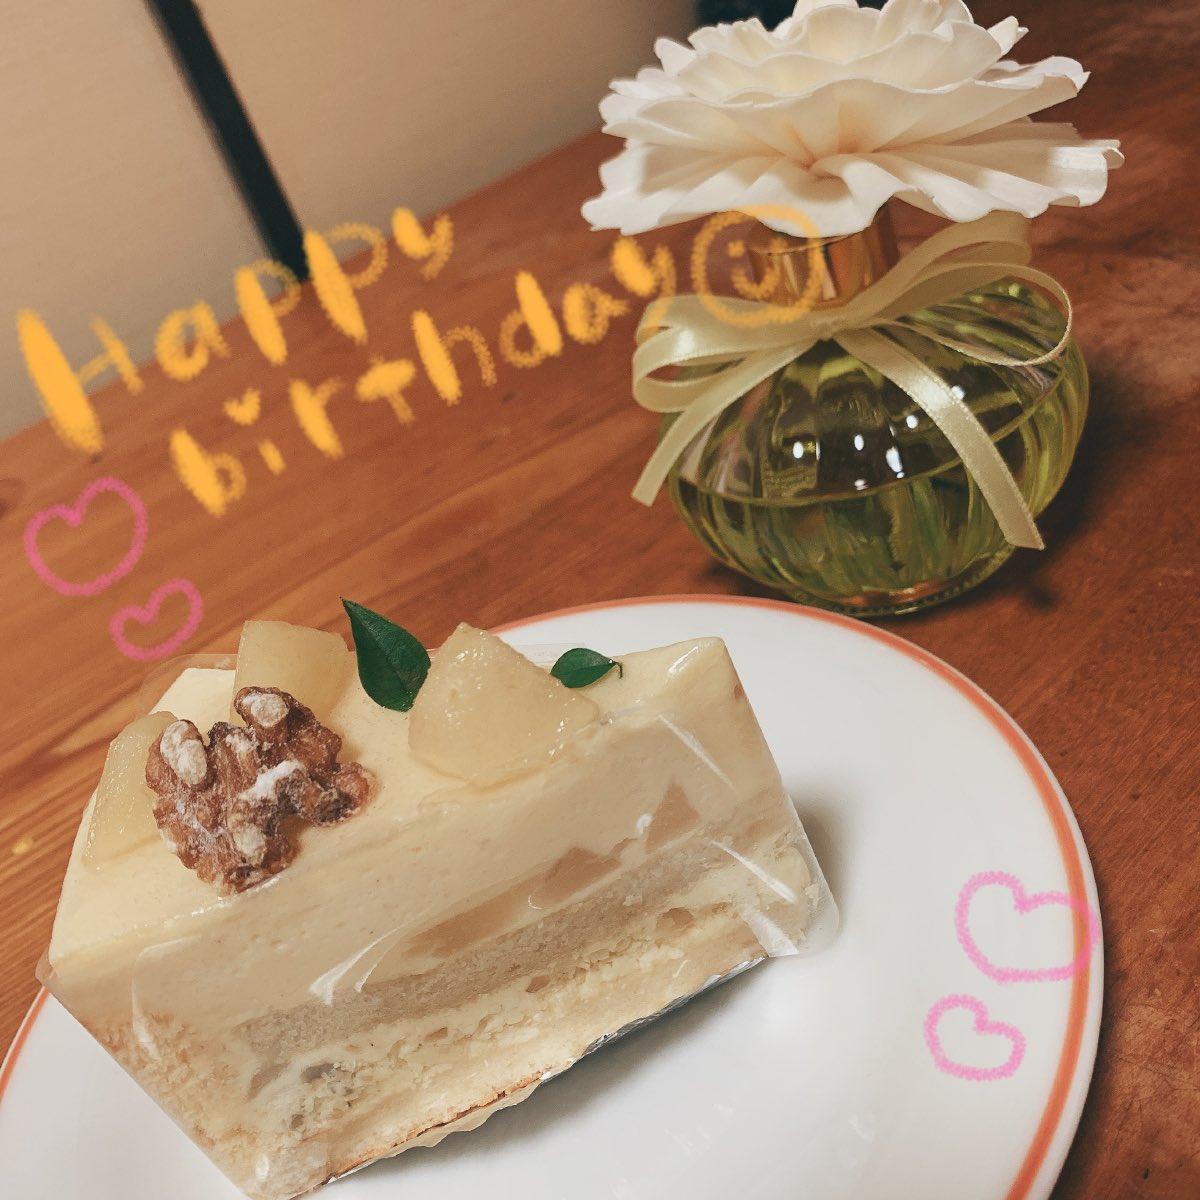 お誕生日おめでとう梨沙ちゃん!ここまで頑張ってきてくれてありがとう、これからは一緒に頑張っていこうね🐯🎀梨のケーキでお祝いだ〜〜! #的場梨沙生誕祭2019